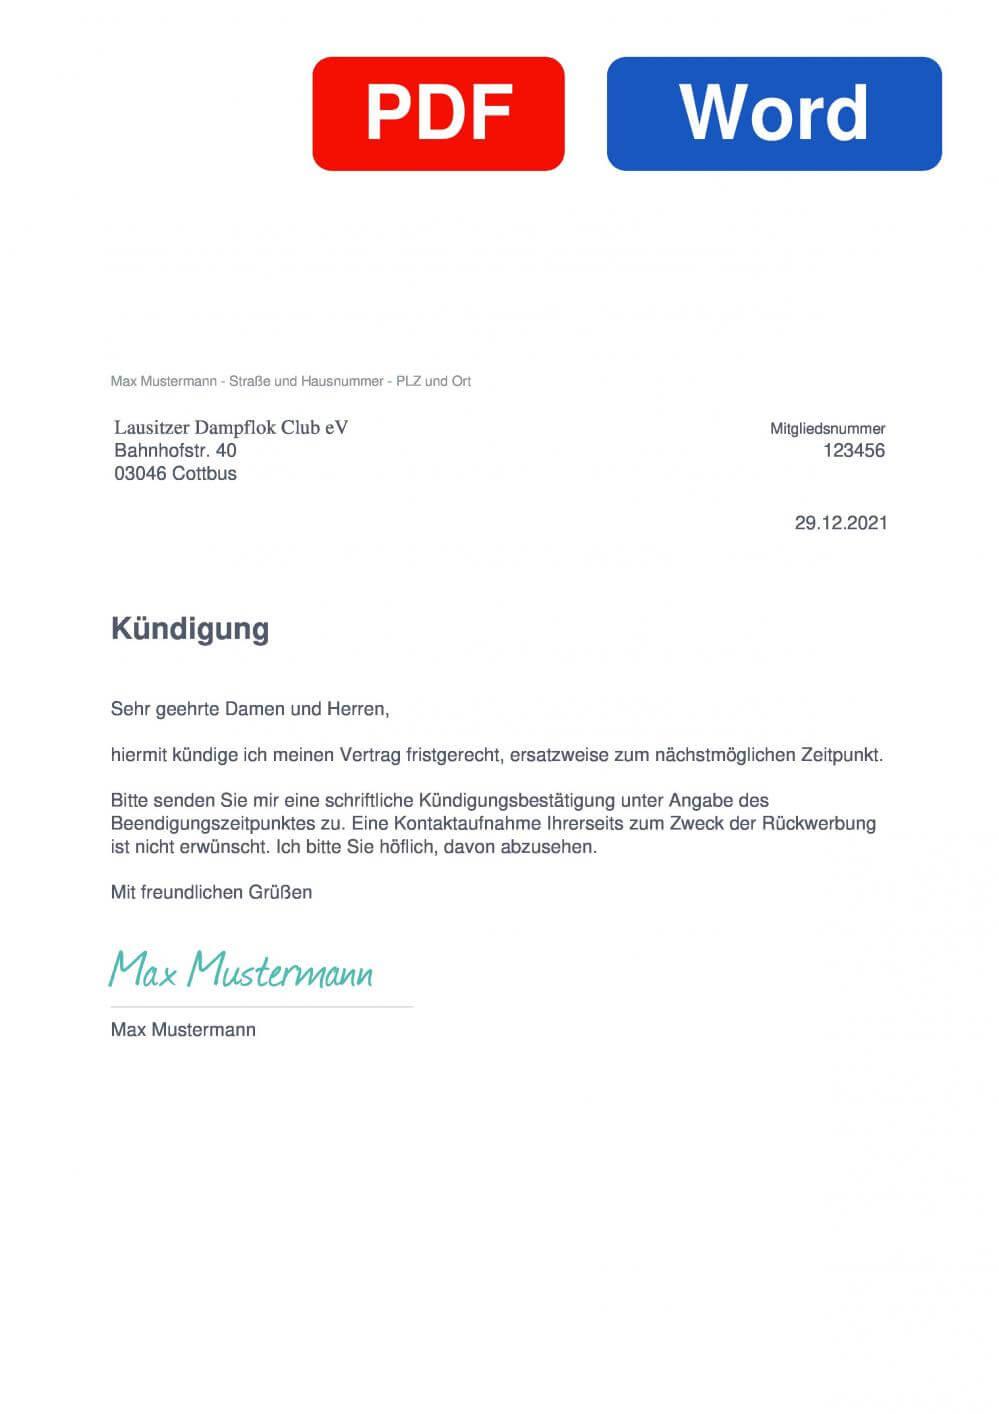 LDC Muster Vorlage für Kündigungsschreiben